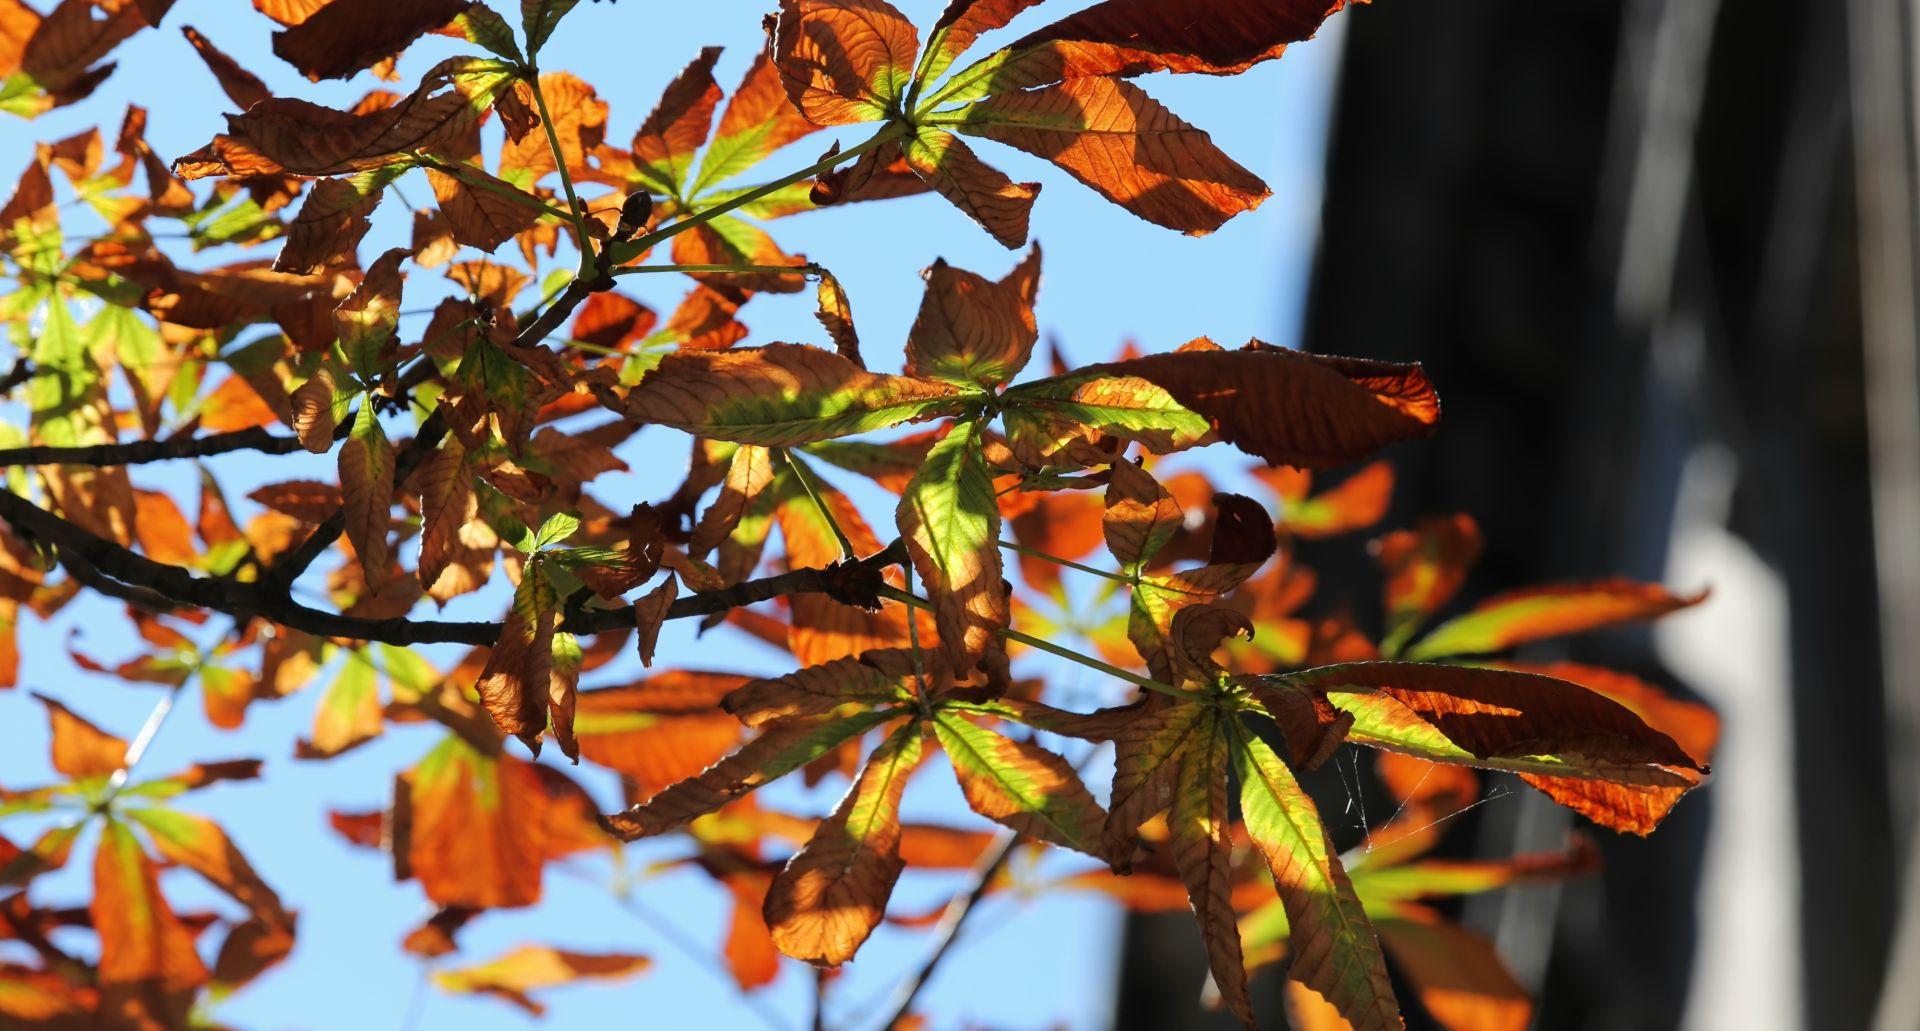 STIGLA DUGOROČNA PROGNOZA ACCUWEATHERA Evo kakva nas jesen očekuje